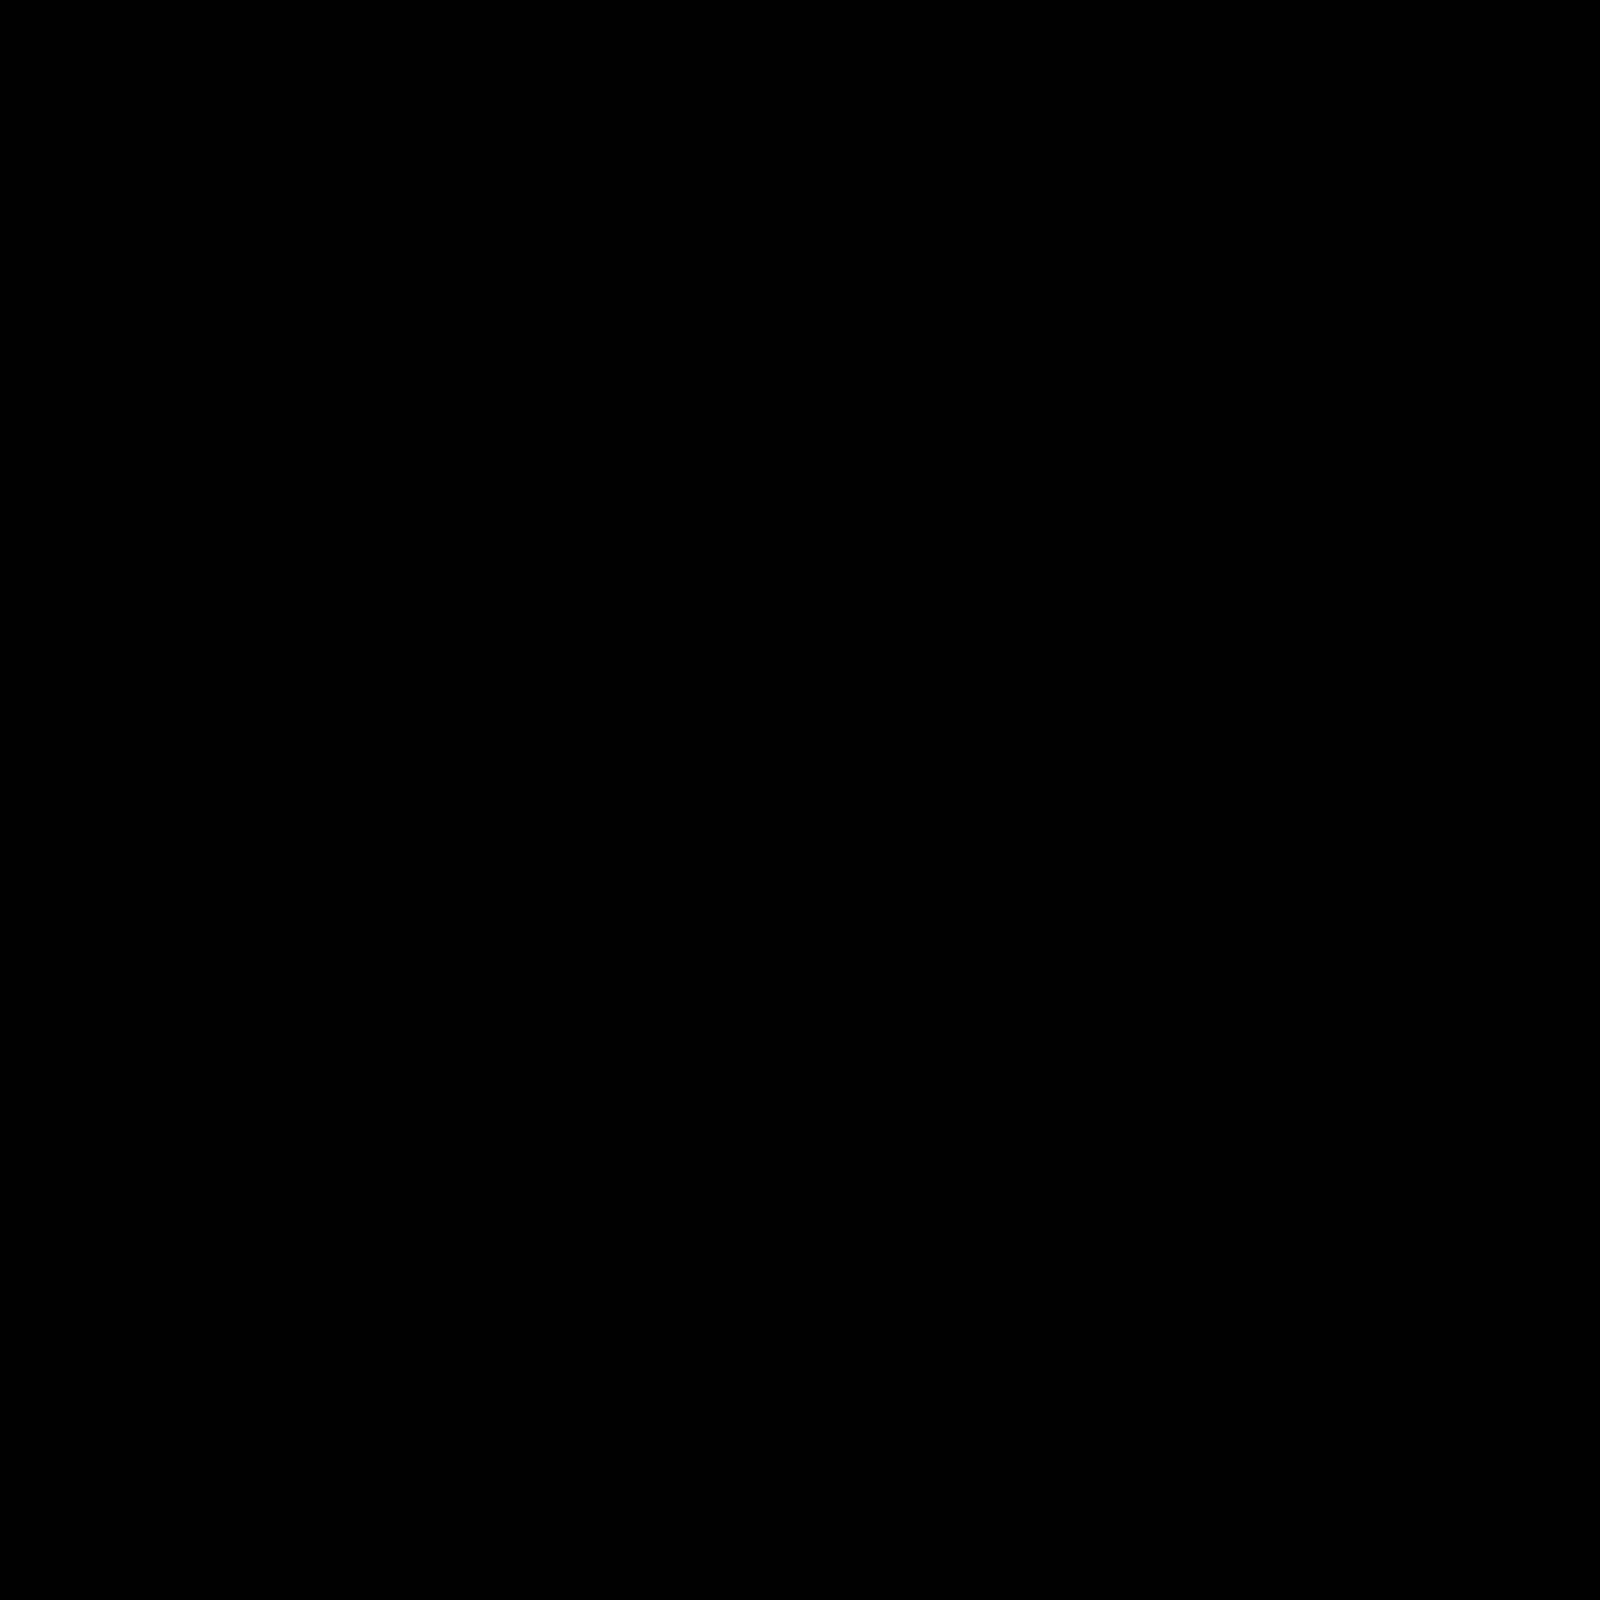 Recette De Sablés Escargots La Recette Facile: Sablés Escargots, Pas Cher : Recette Sur Cuisine Actuelle